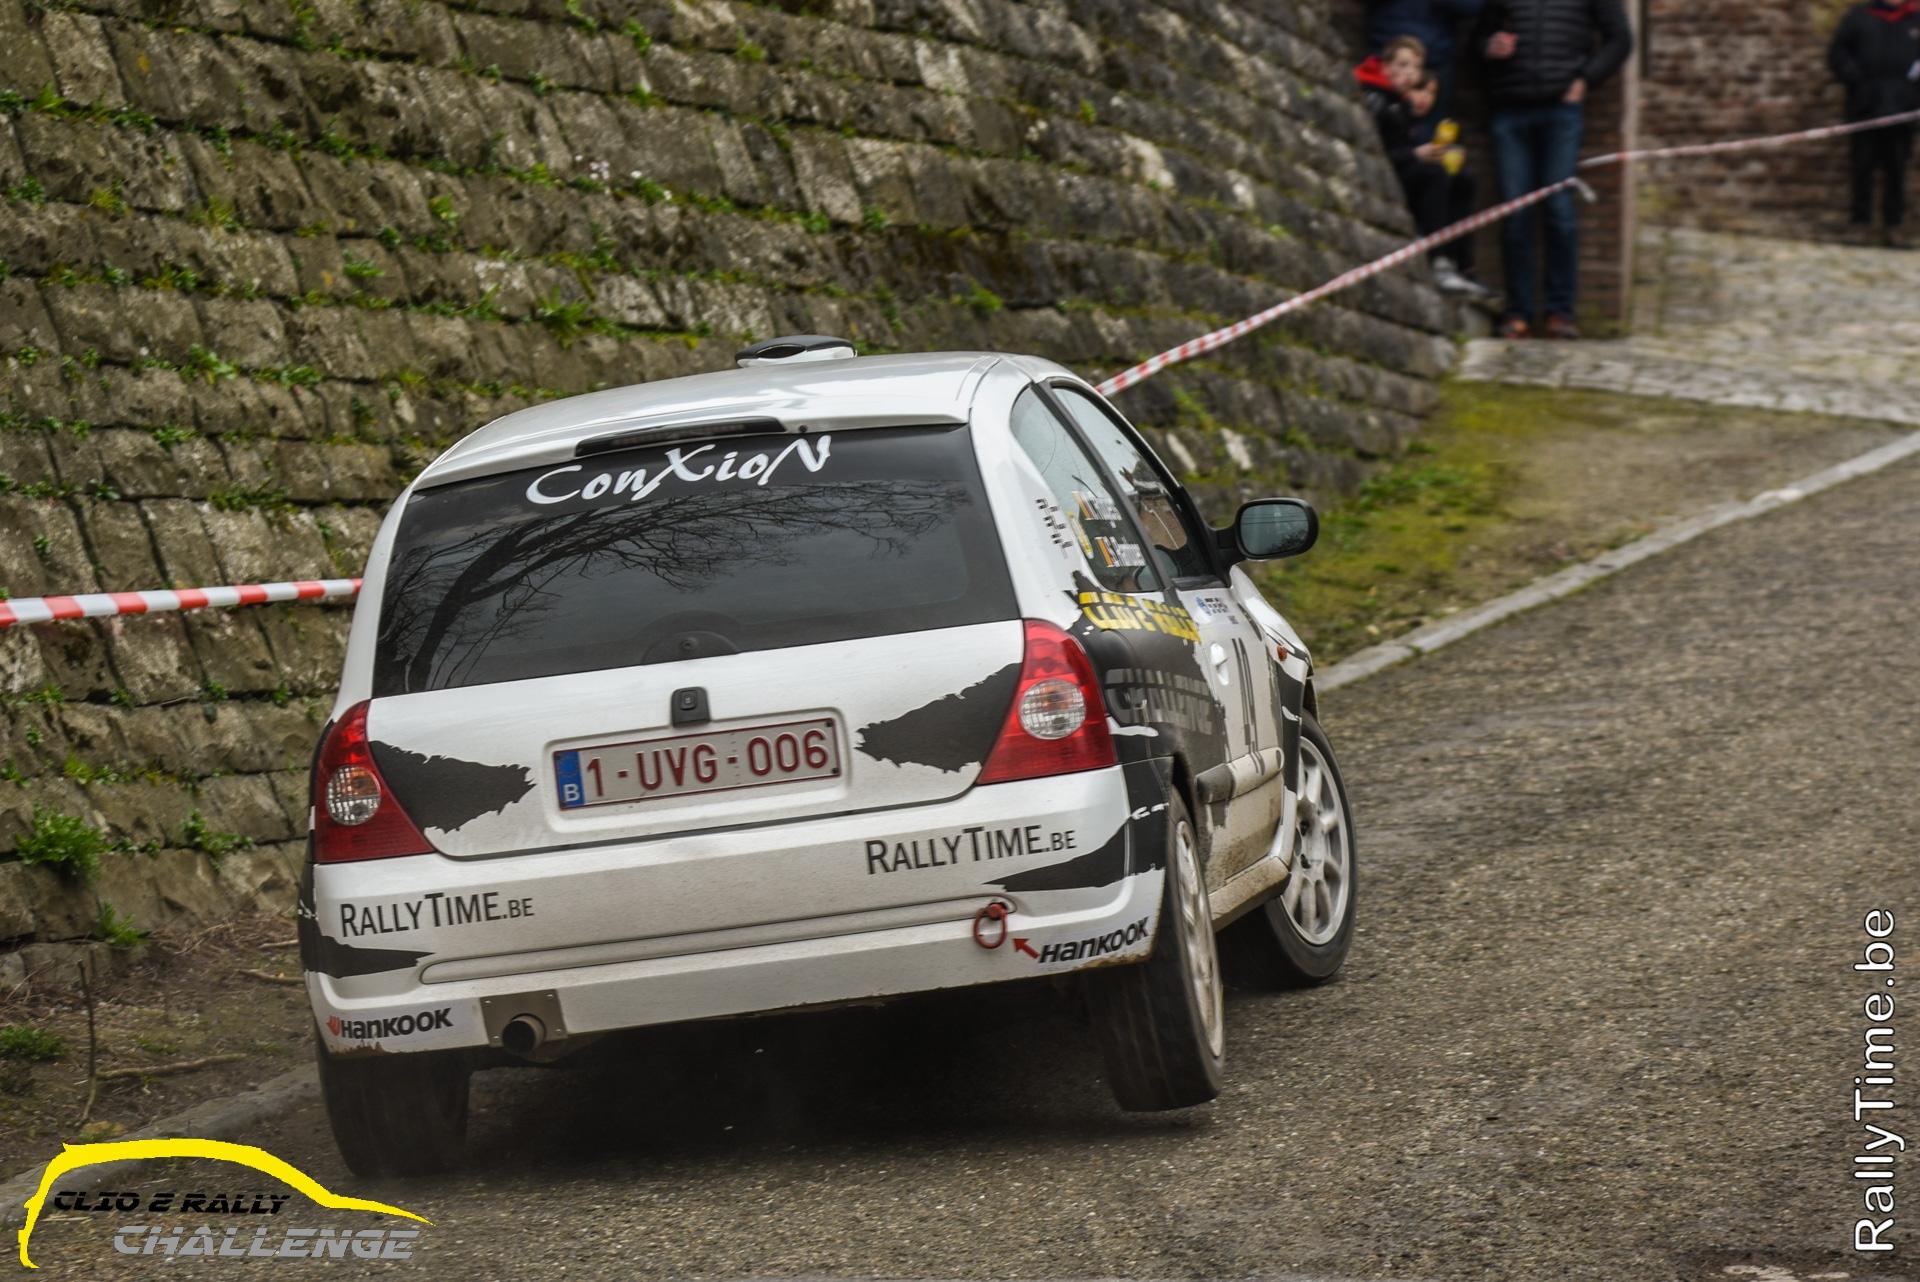 Clio 2 Rally Challenge - Verrassende winnaar in klasse 1, verdiende winnaar in klasse 2